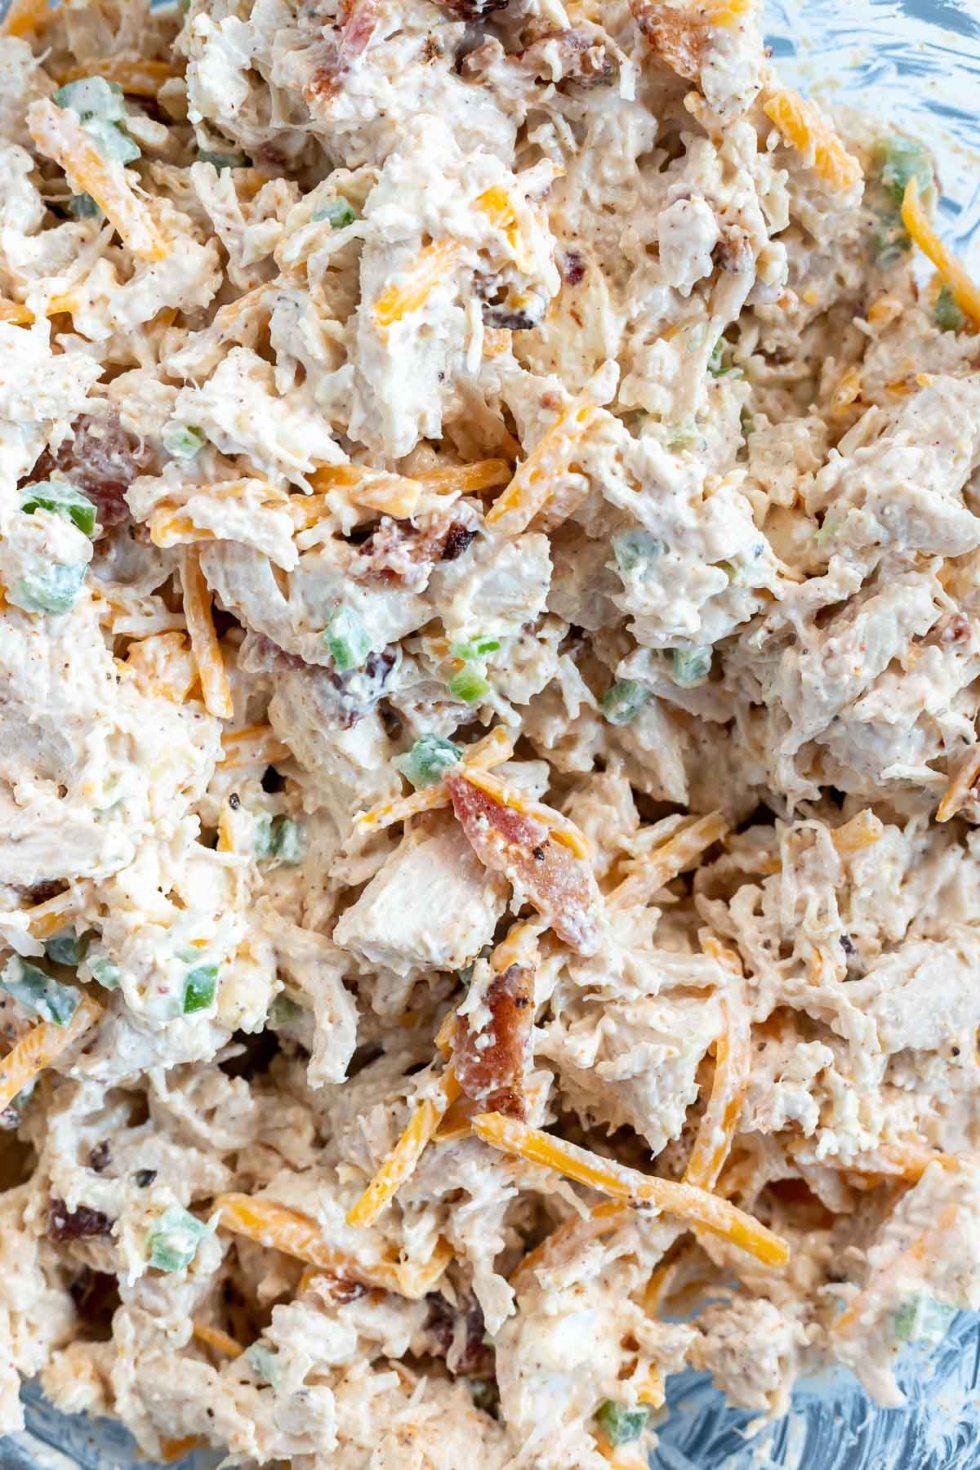 prepared chicken salad